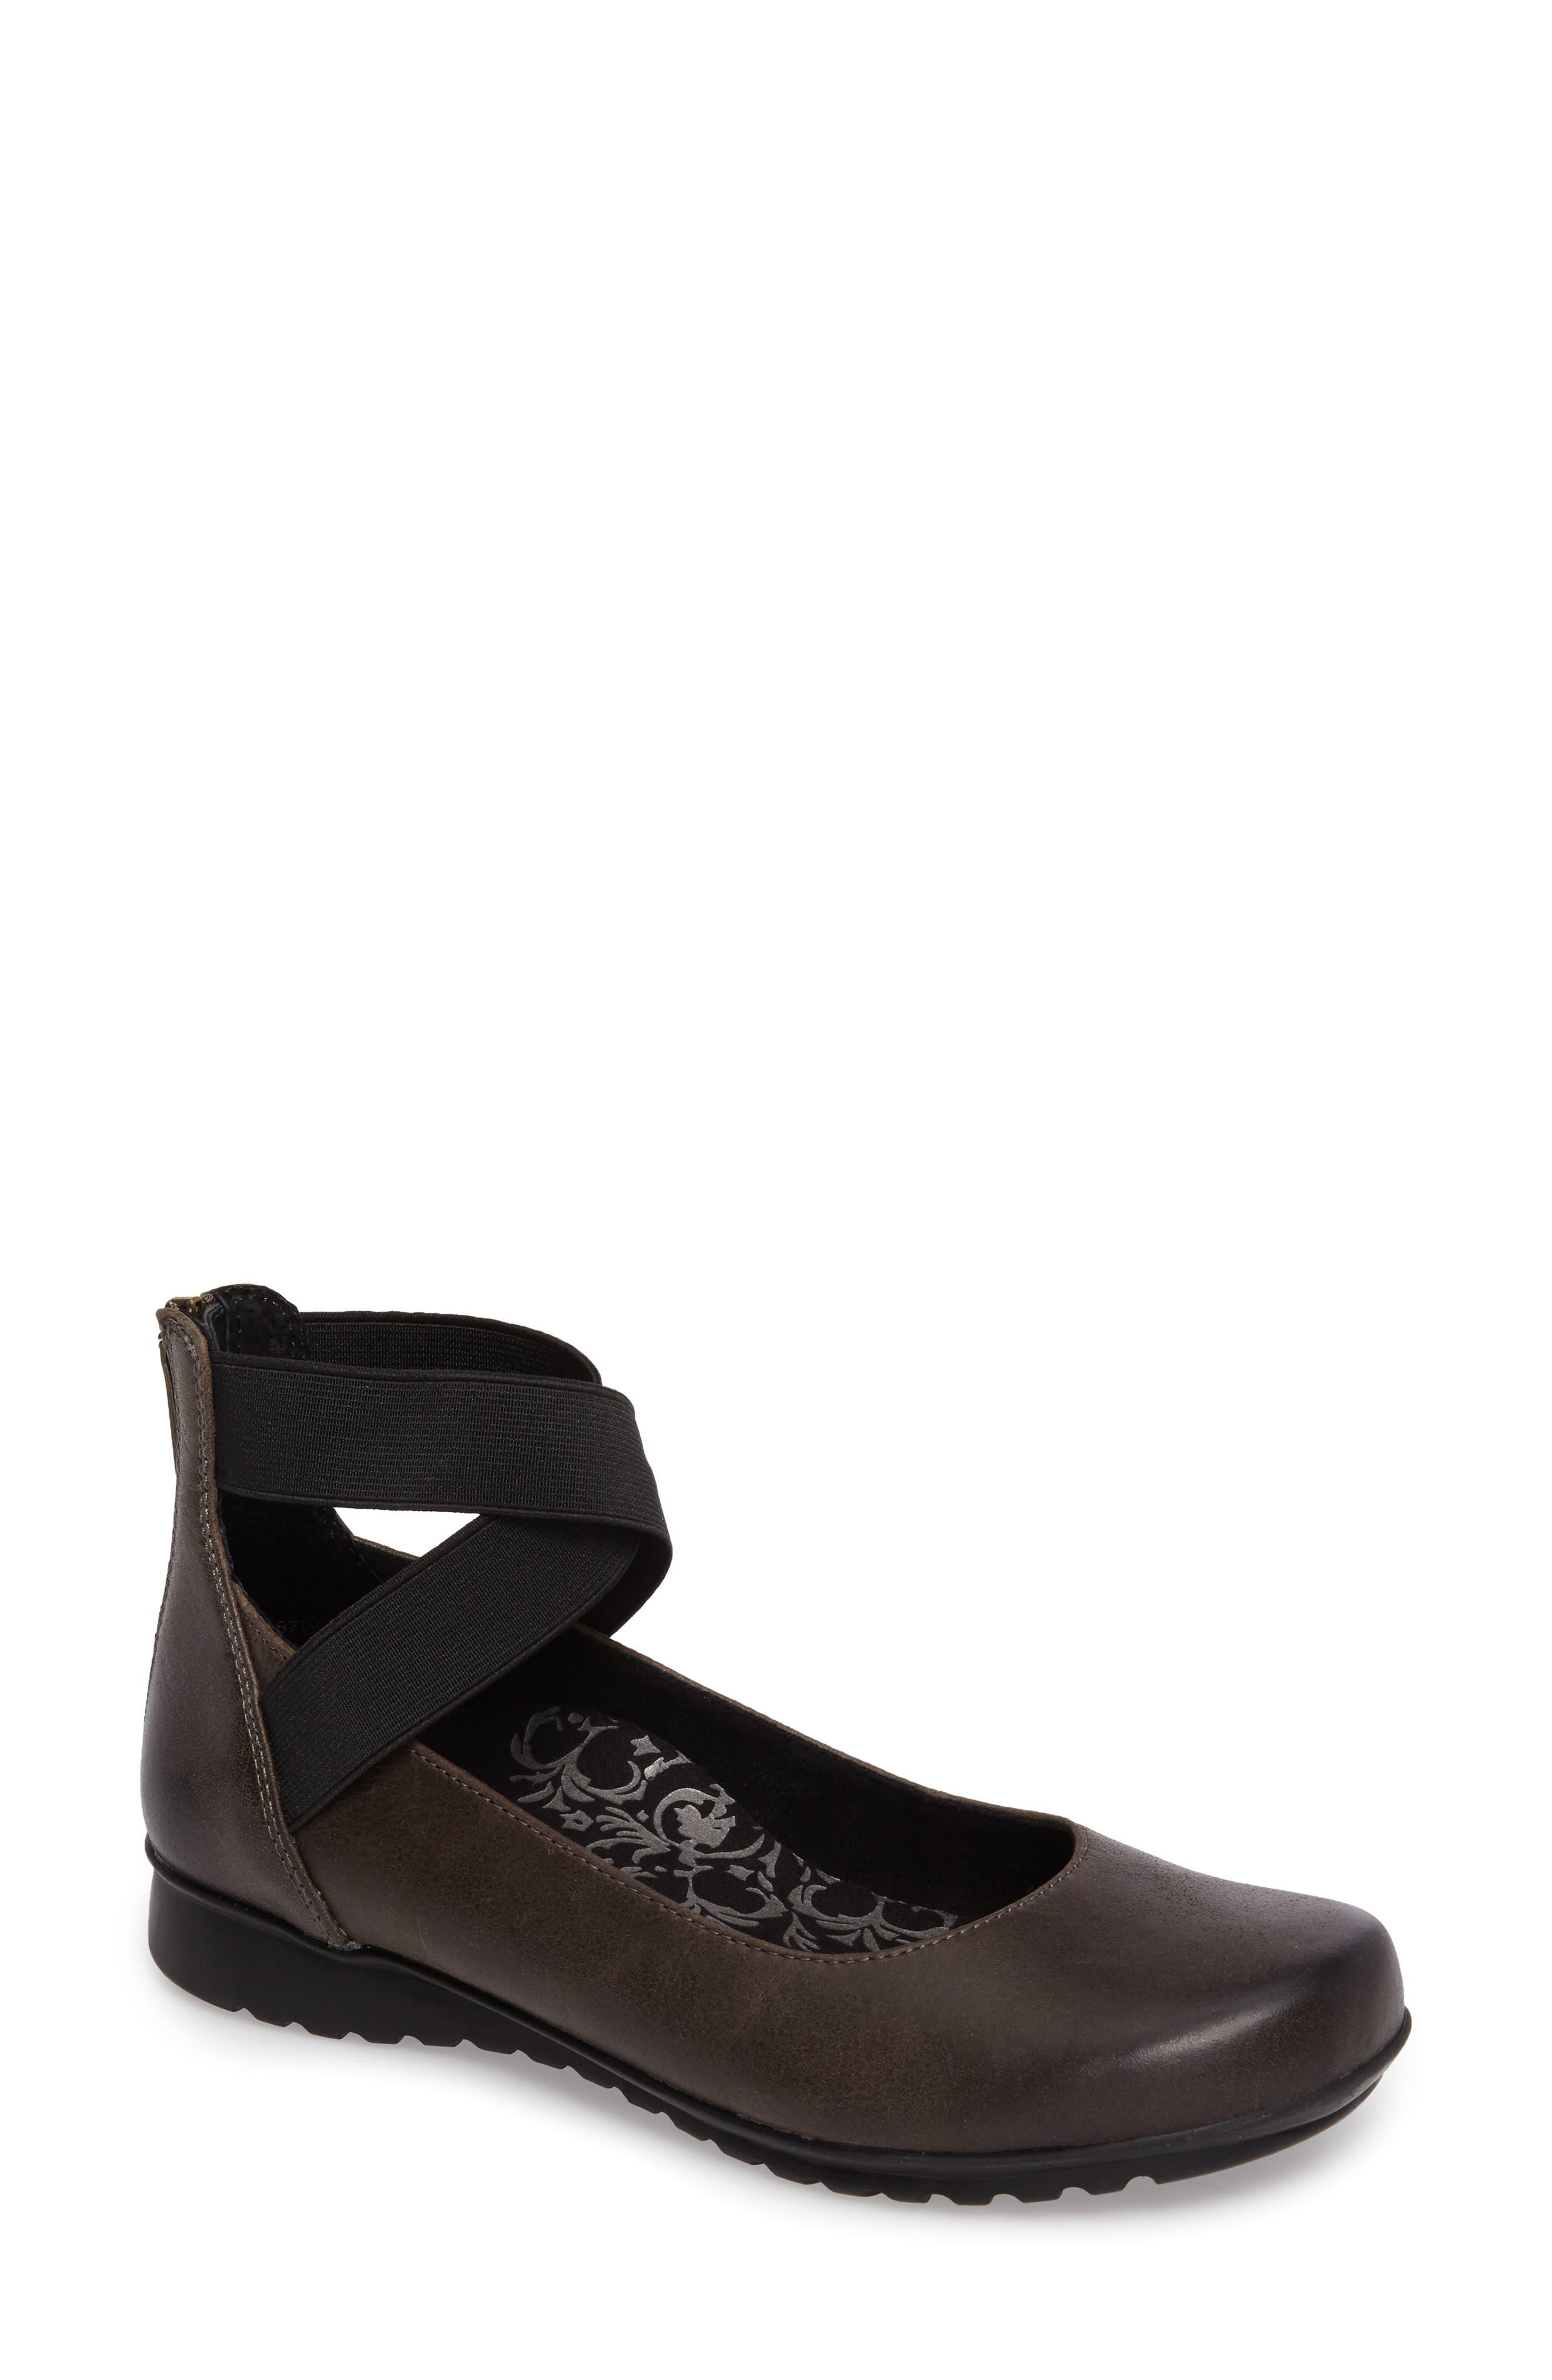 AETREX 'Dakota' Ankle Strap Ballet Flat, Main, color, 021